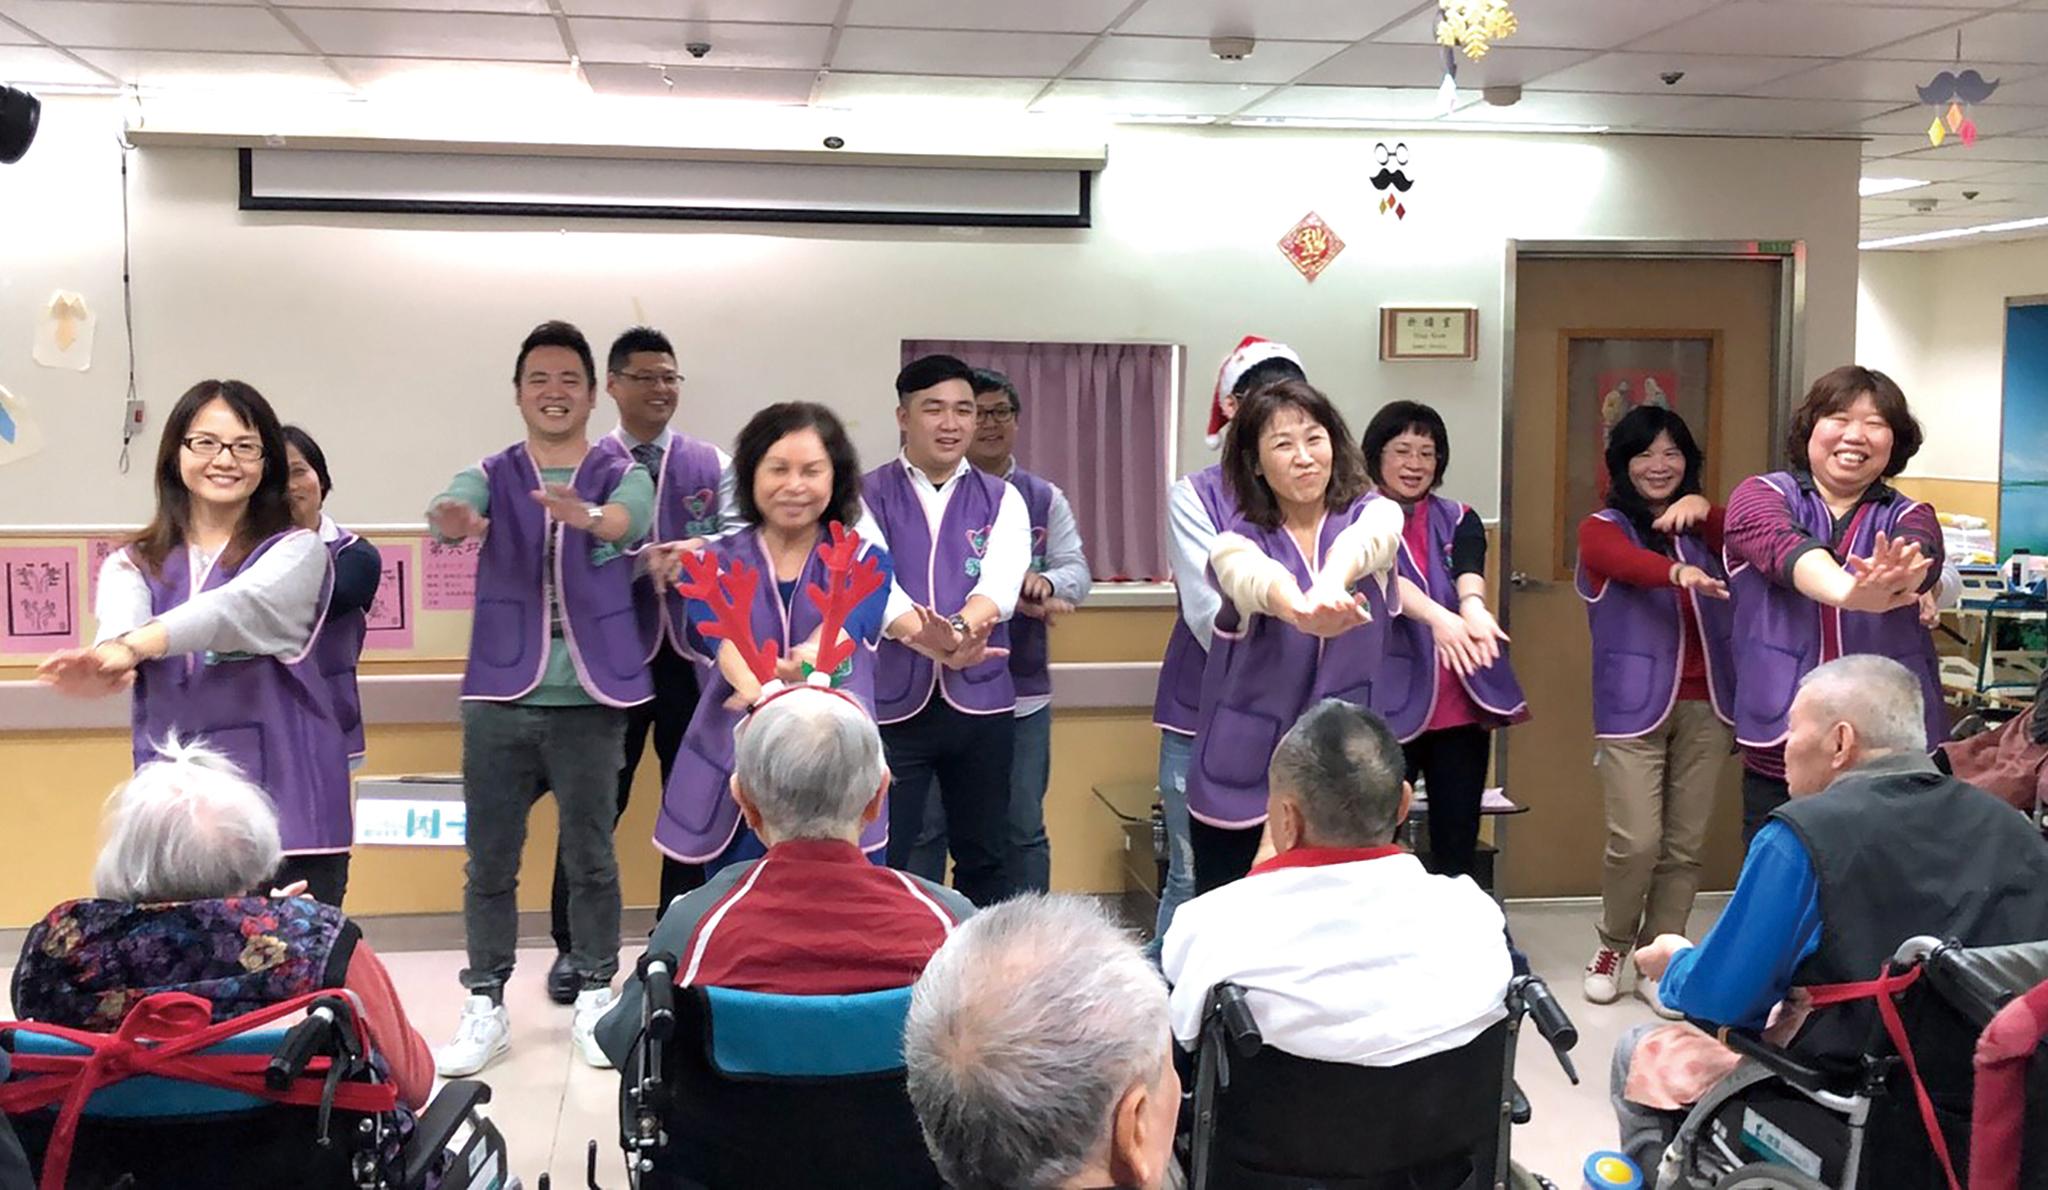 由高慧如業務處經理帶領桃園一職場志工們一同表演中東熱舞。